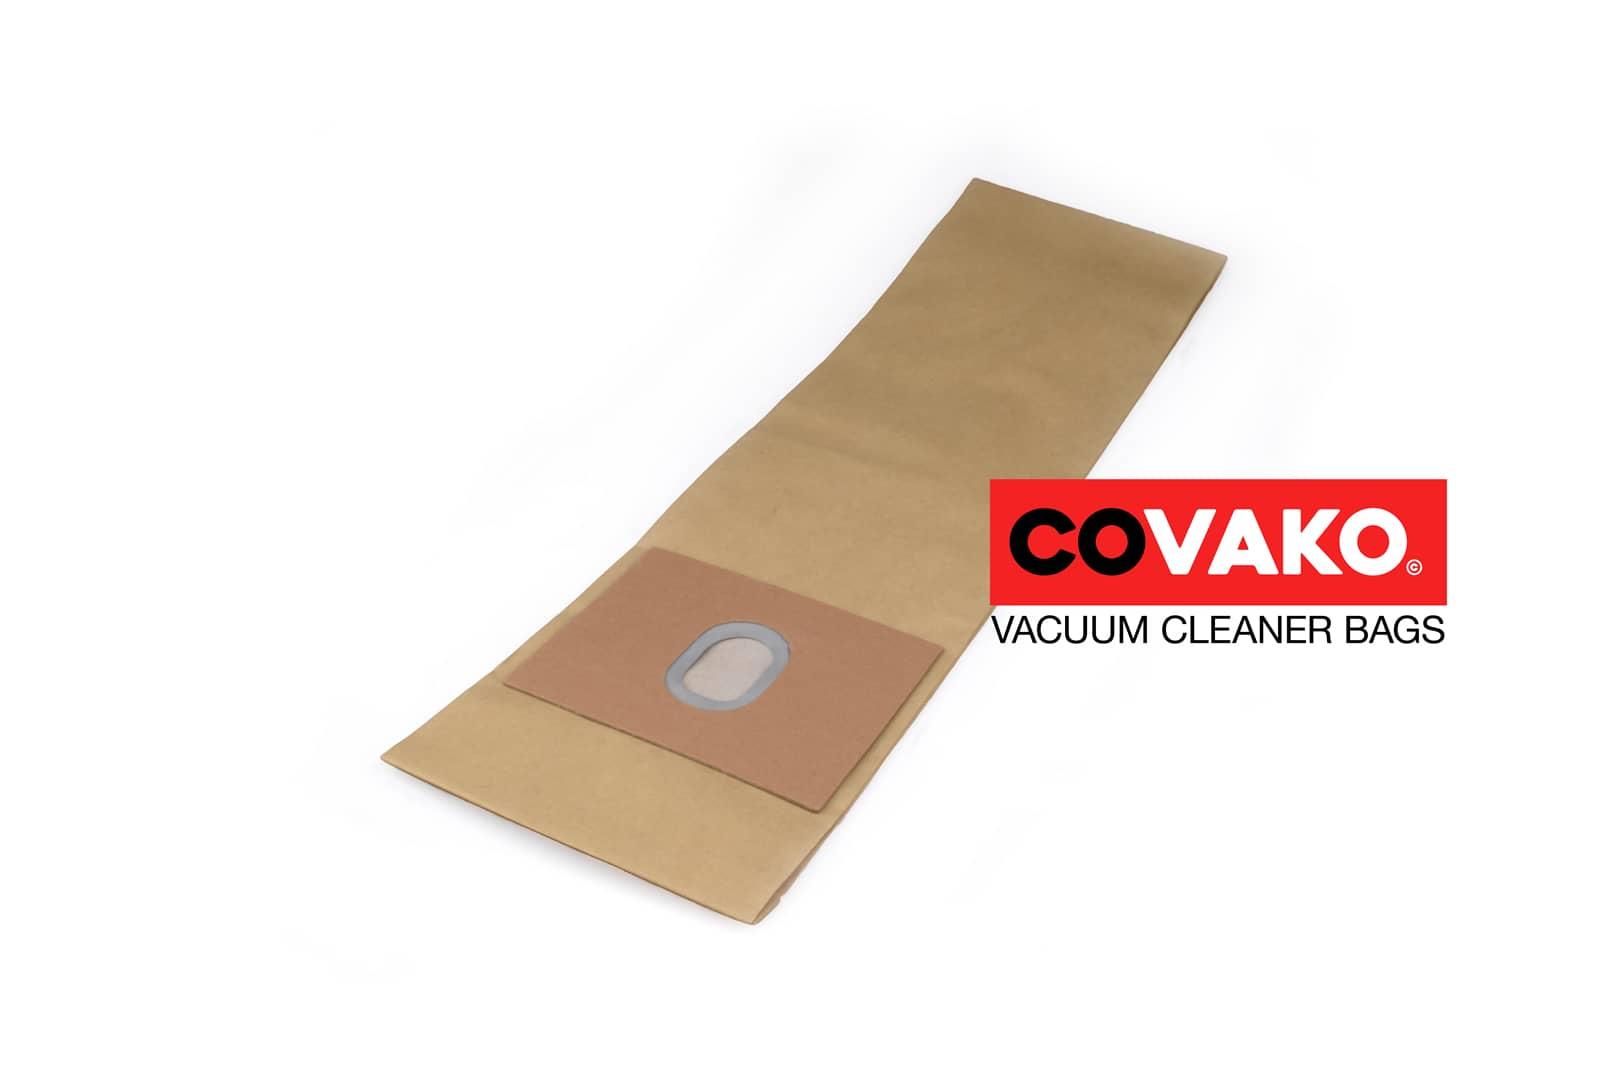 Siemens VM VU 30 / Papier - Siemens sacs d'aspirateur